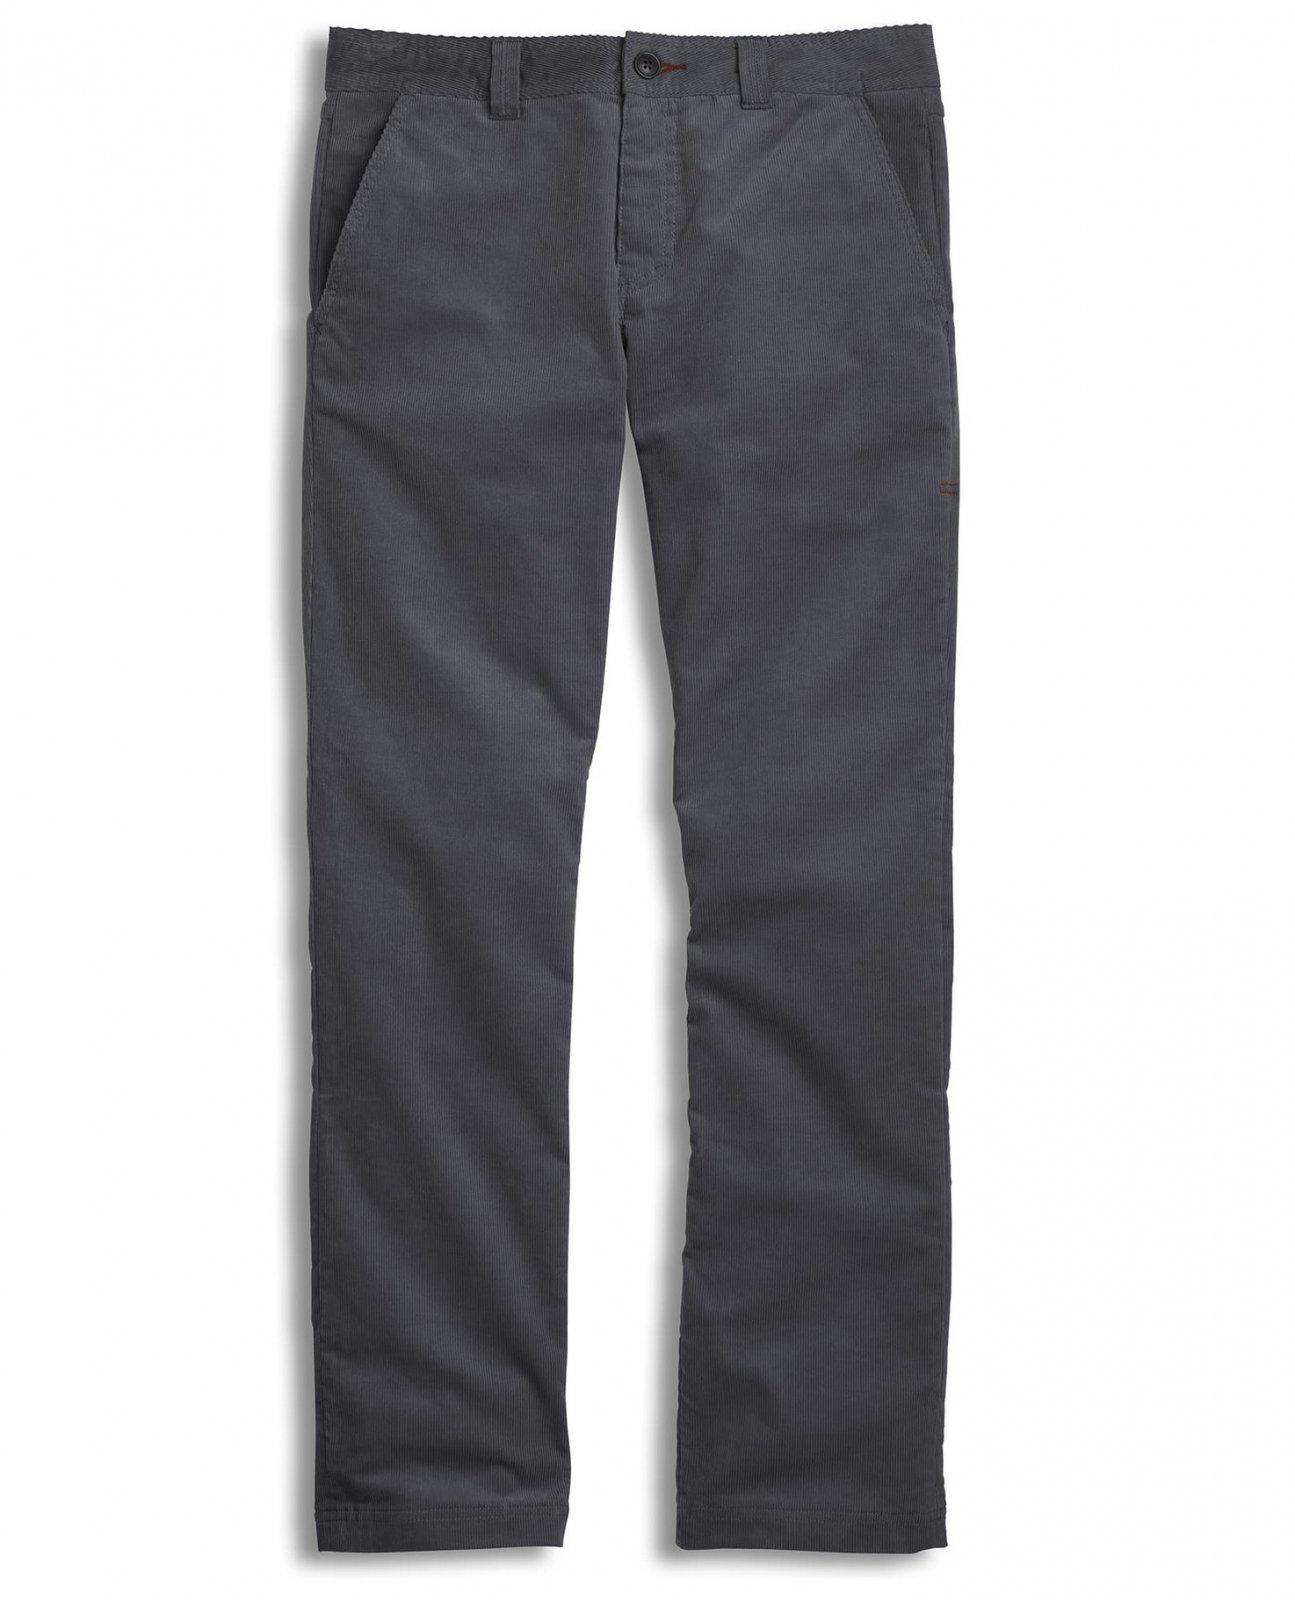 Toad & Co Men's Cohort Cord Lean Pant